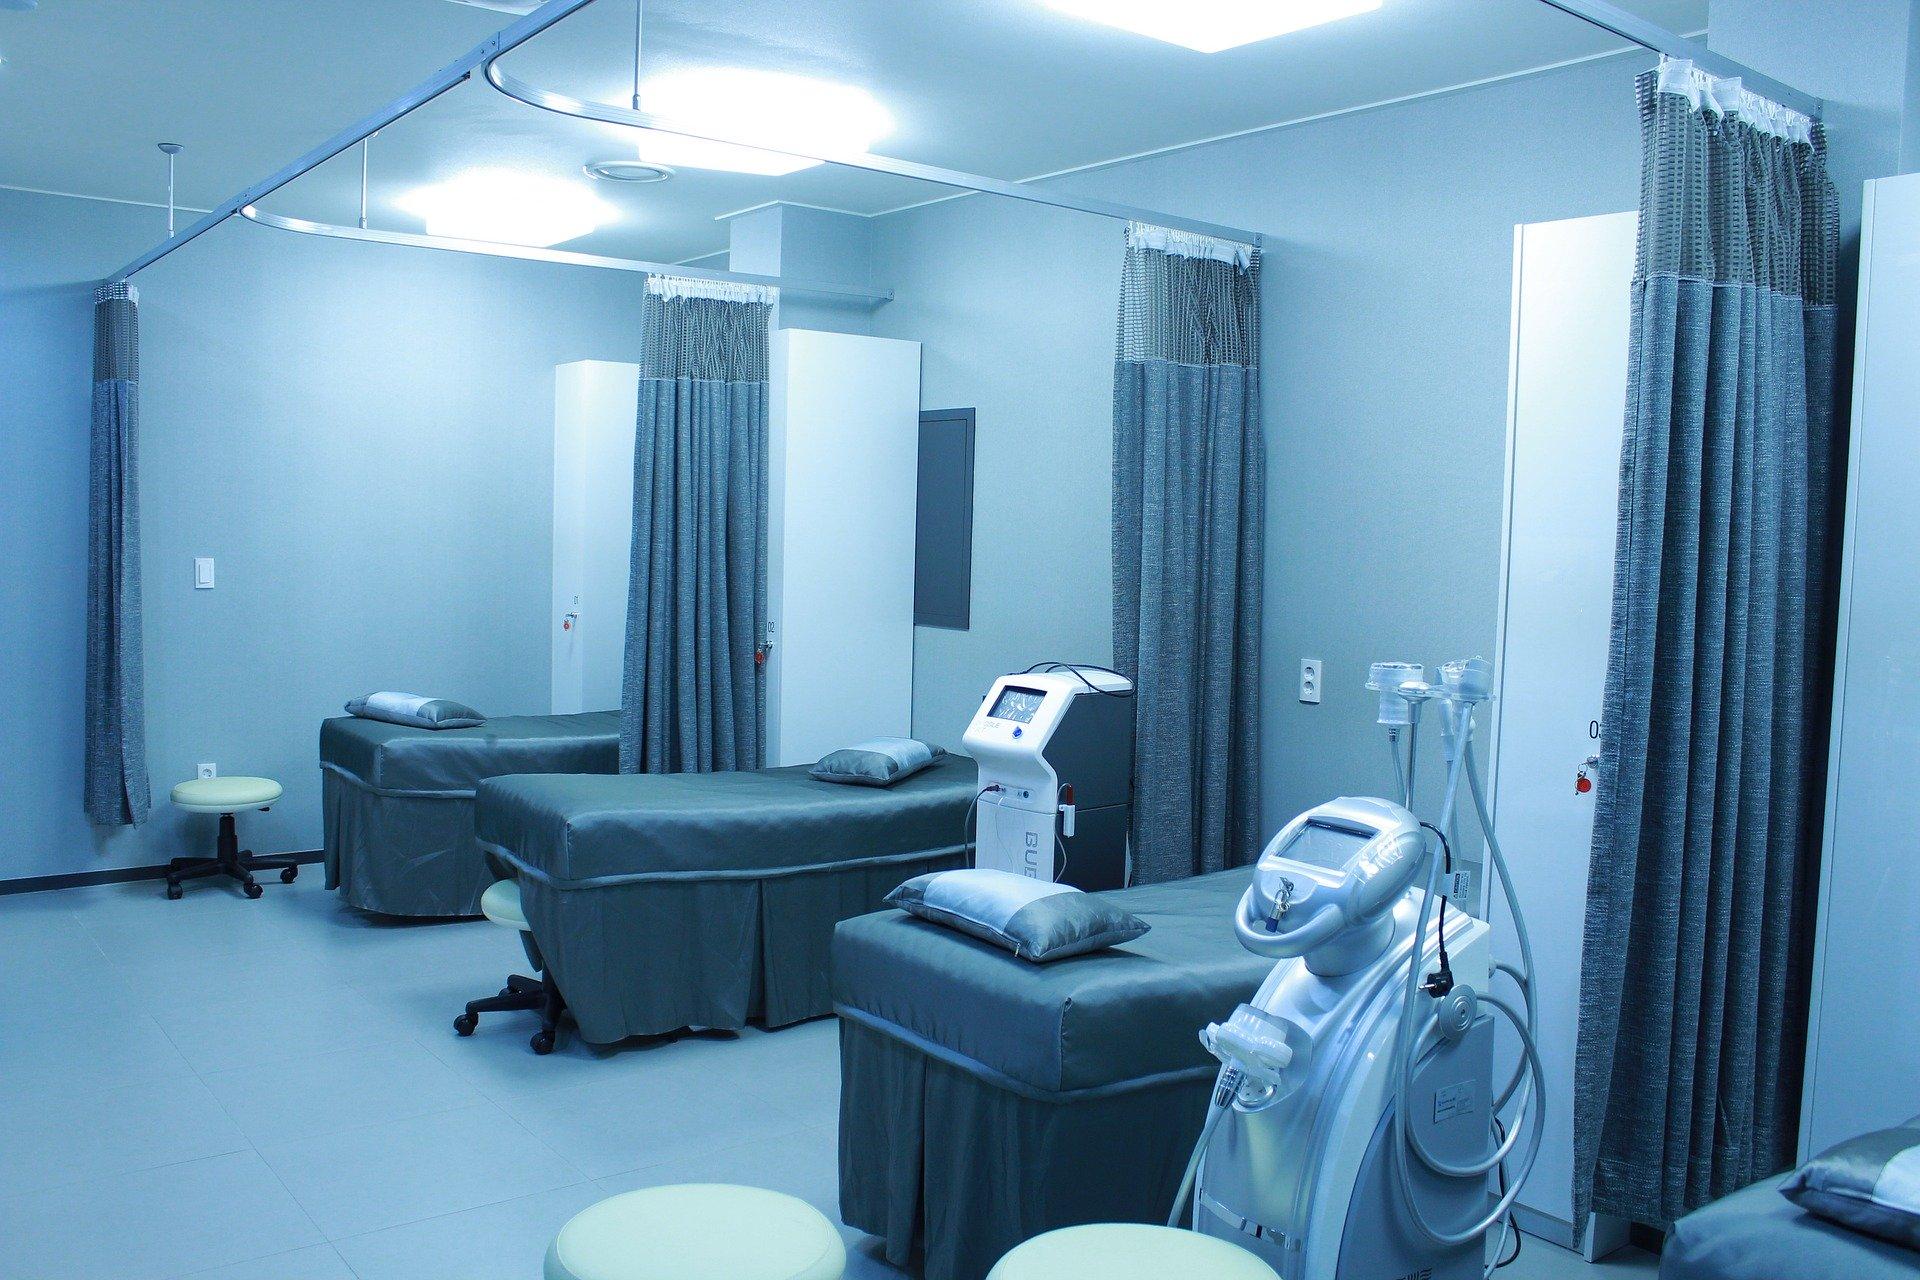 Best-Practice IT-Sicherheit Krankenhaus